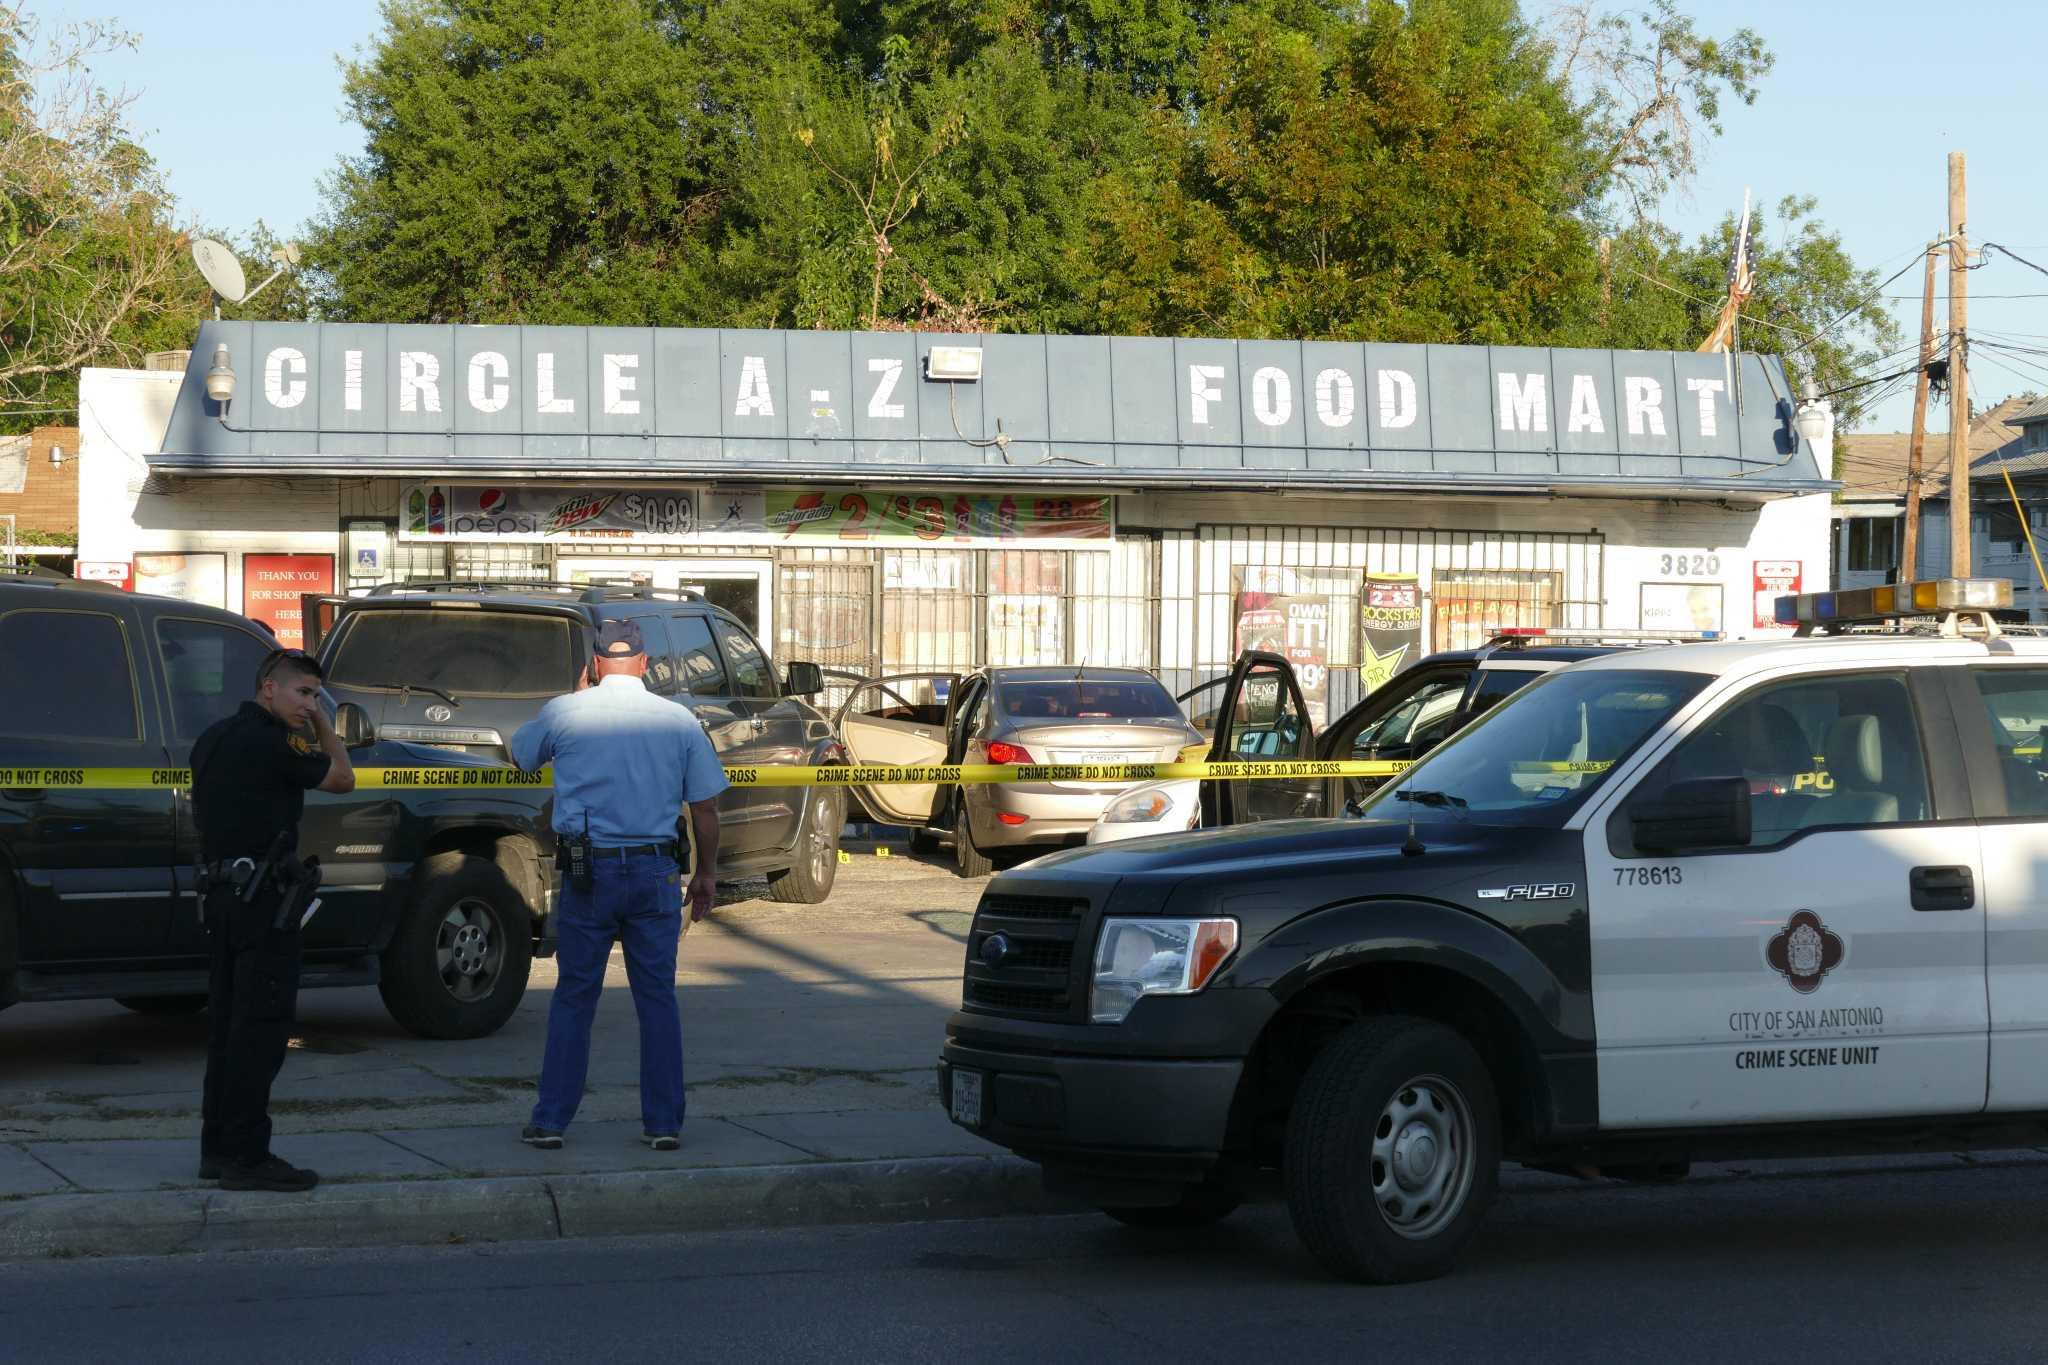 Suspect in stolen vehicle shot three times during arrest san antonio express news